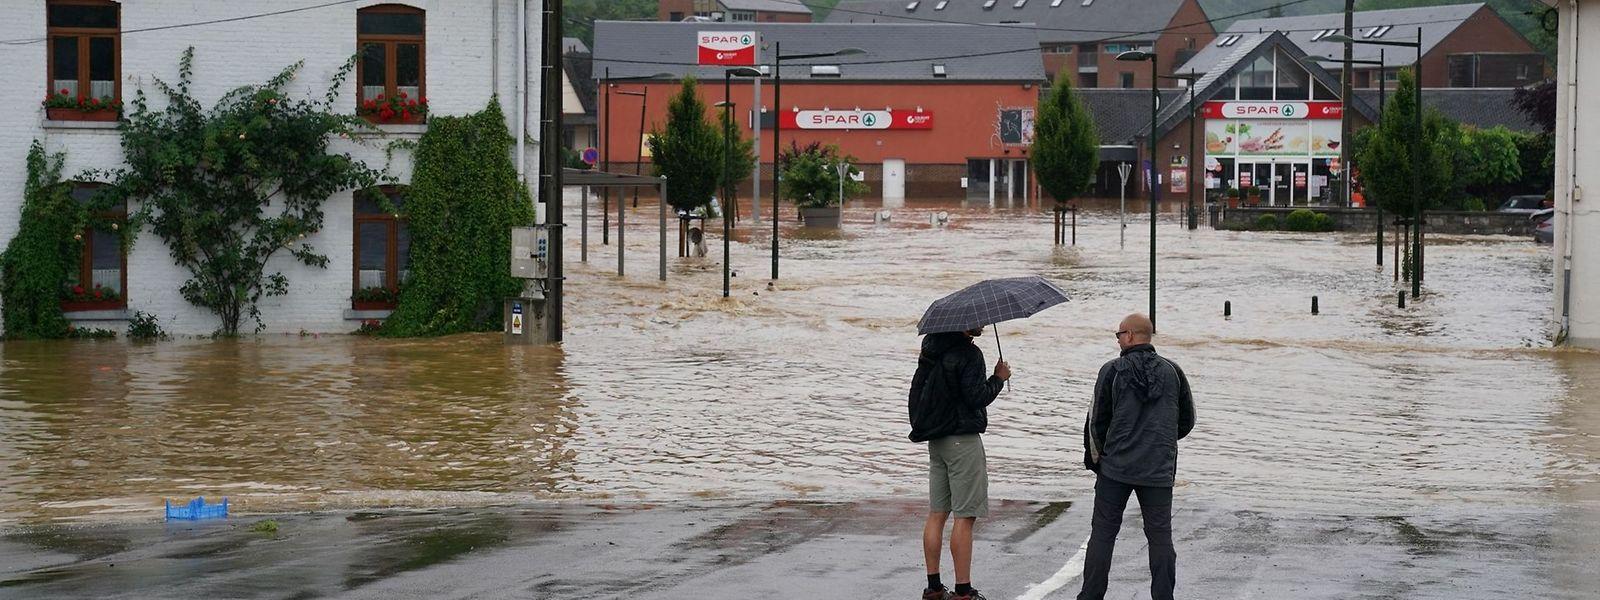 L'enquête devra notamment déterminer si les eaux du barrage d'Eupen n'ont pas été lâchées trop tard.